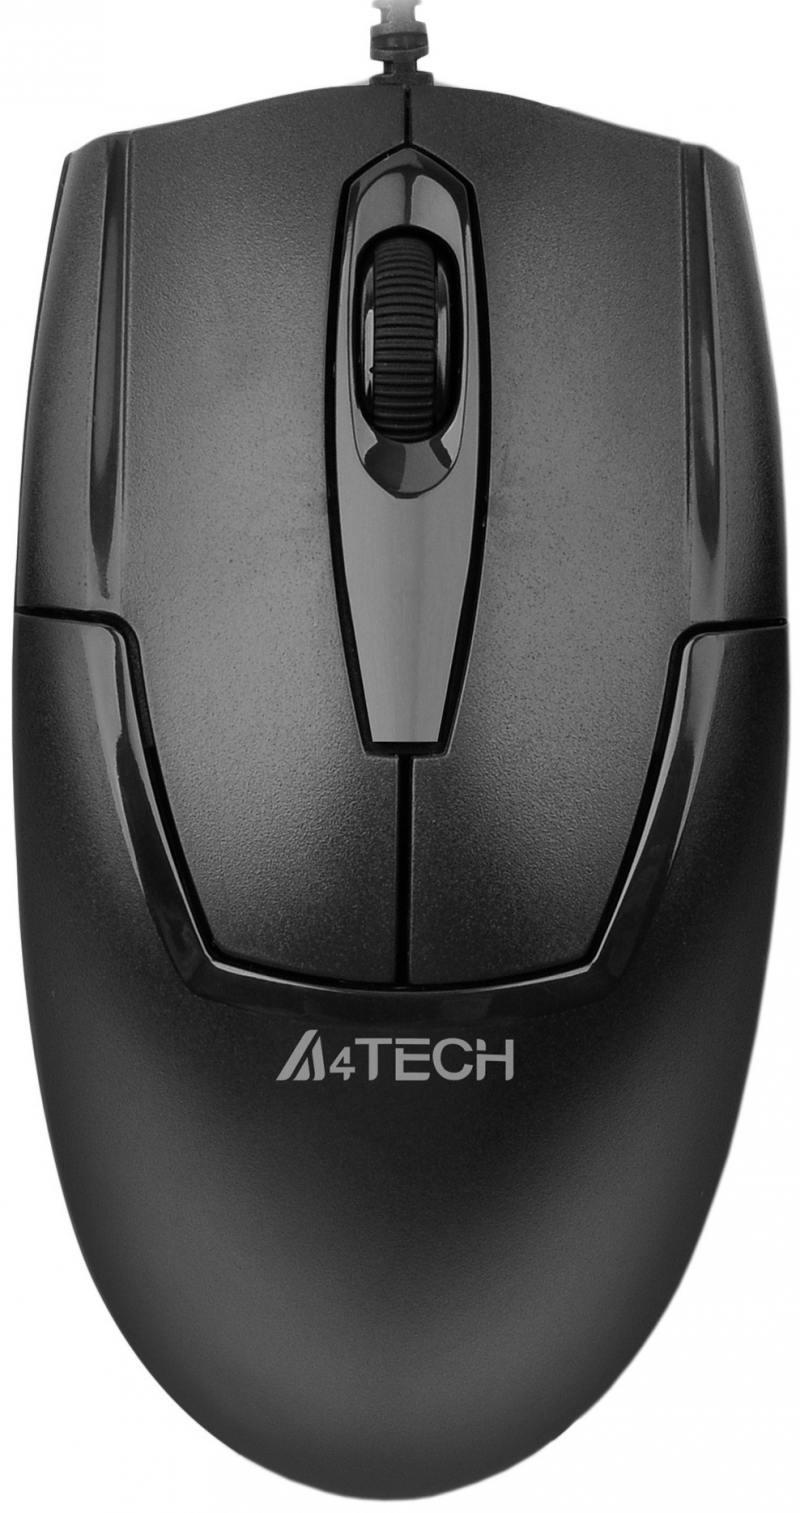 Мышь проводная A4TECH OP-540NU V-Track Padless чёрный USB мышь проводная a4tech n 600x 2 v track padless серый чёрный usb